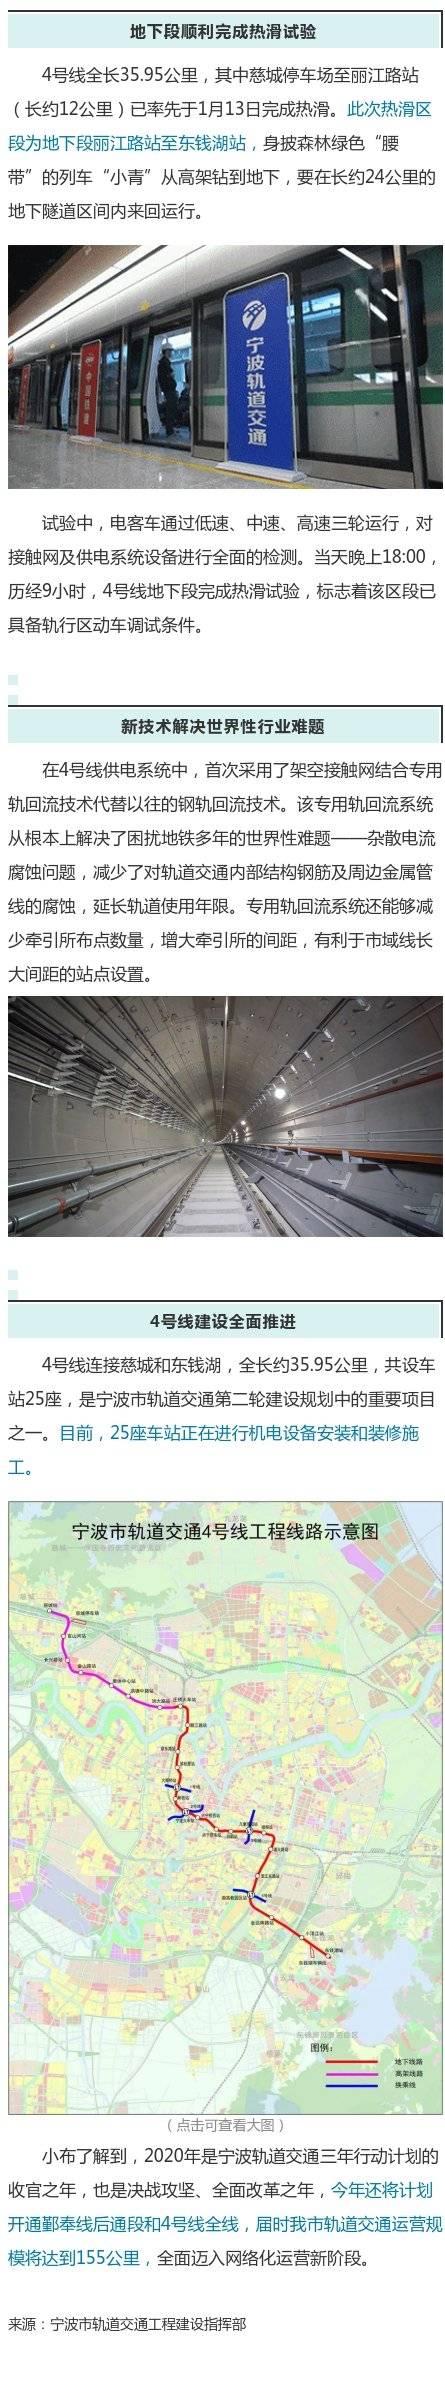 宁波地铁4号线最新进展!24公里地下段完成热滑试验